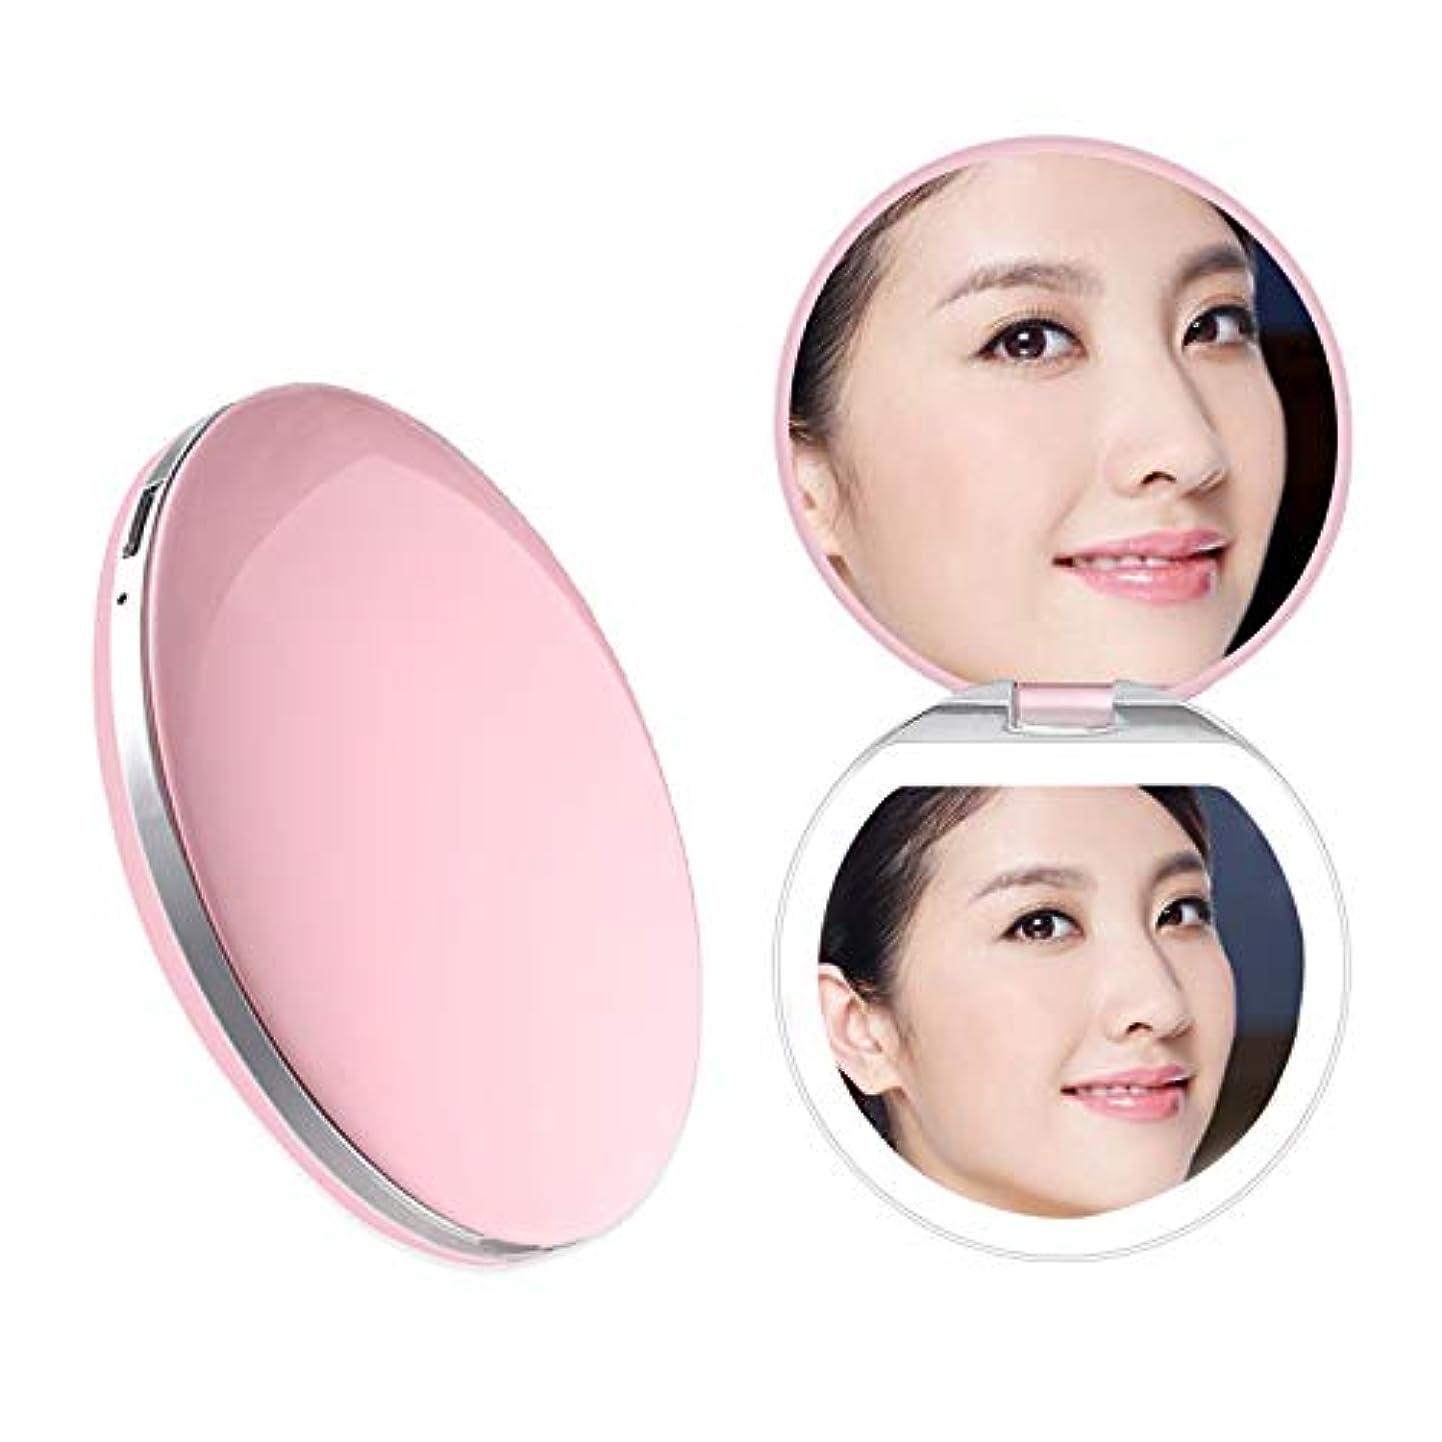 感情気分が悪い心配するHeartyfly 携帯ミラー 鏡 LED手鏡  二面鏡 折り畳み式化粧鏡 メイクアップミラー usb充電 3倍拡大 持ちやすい 便利 (ピンク)